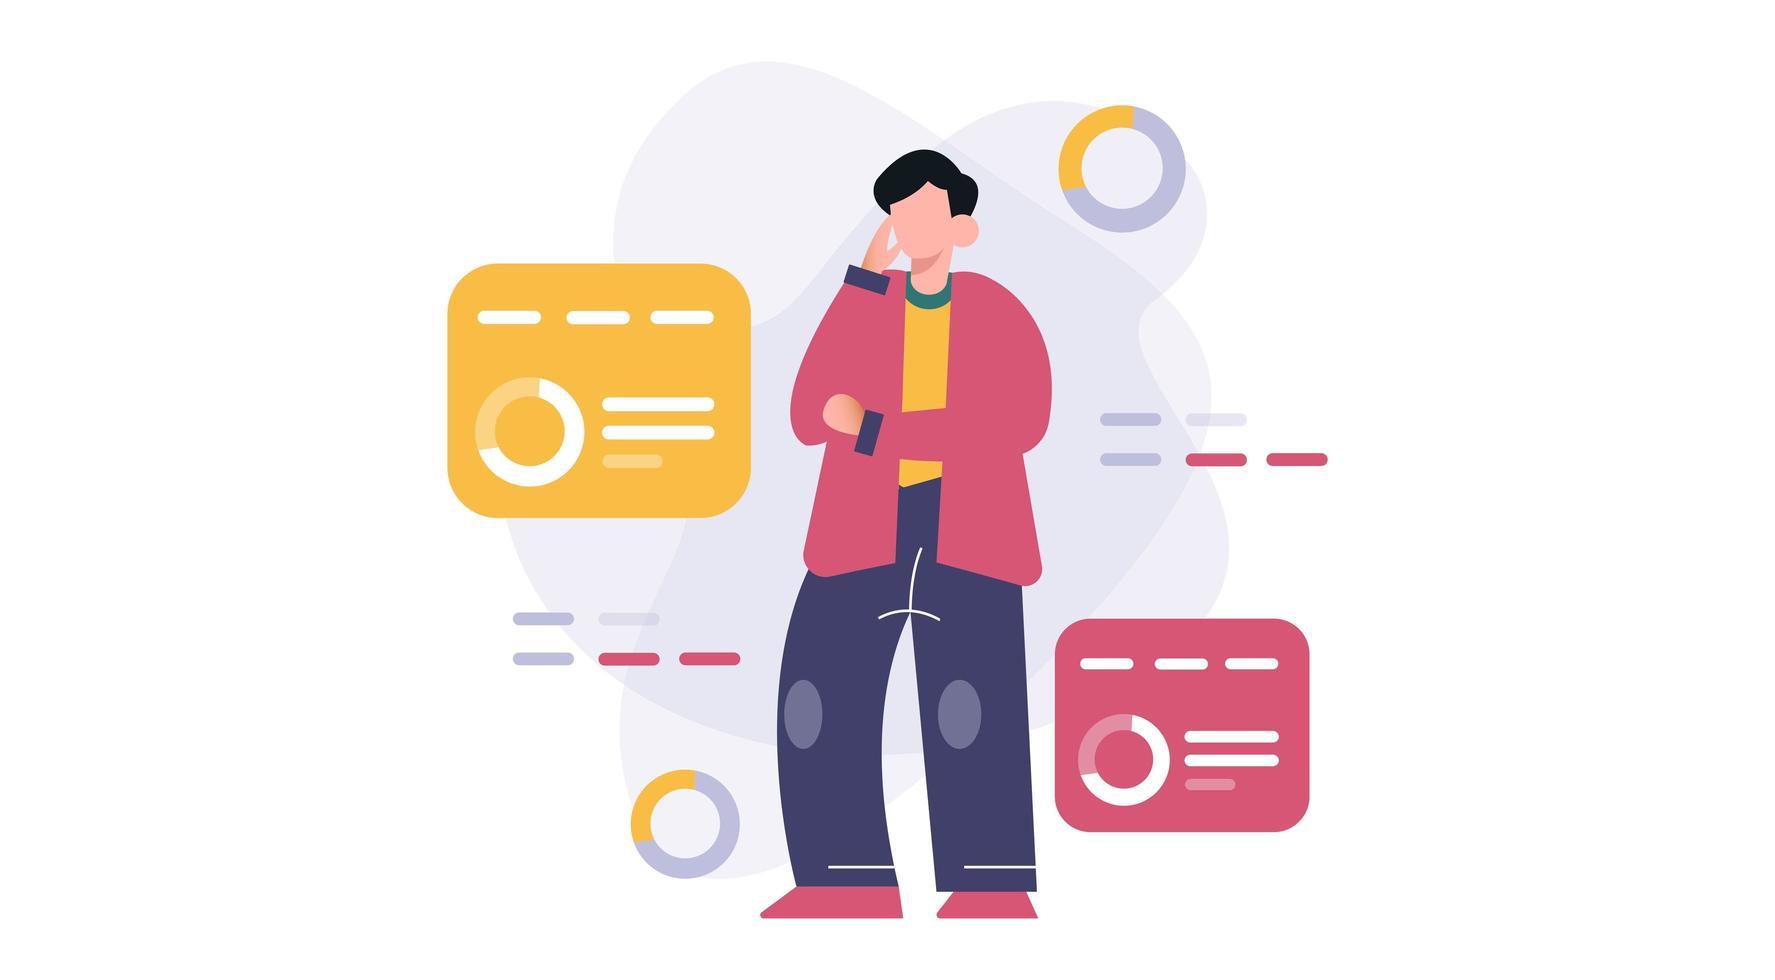 persone che pensano e analizzano e ricercano il concetto di dati aziendali vettore